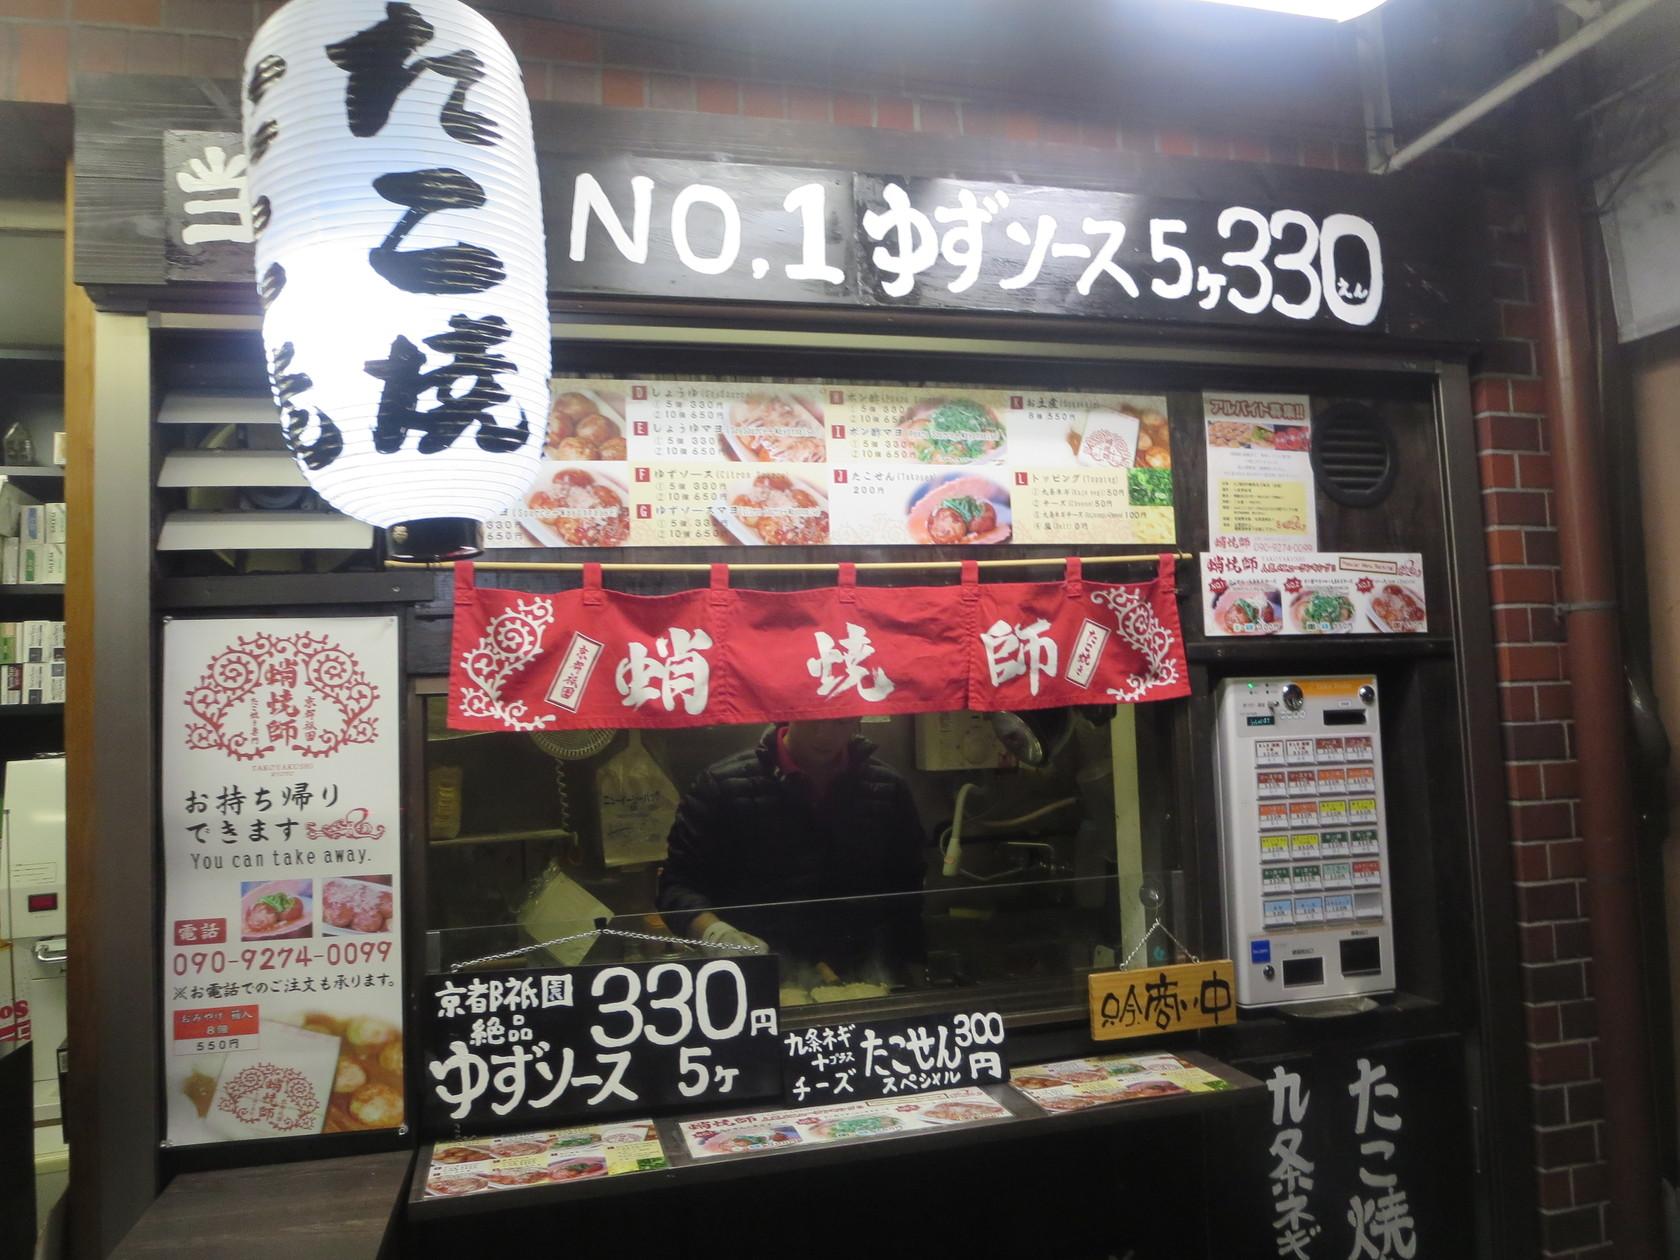 蛸焼師 京都祇園店